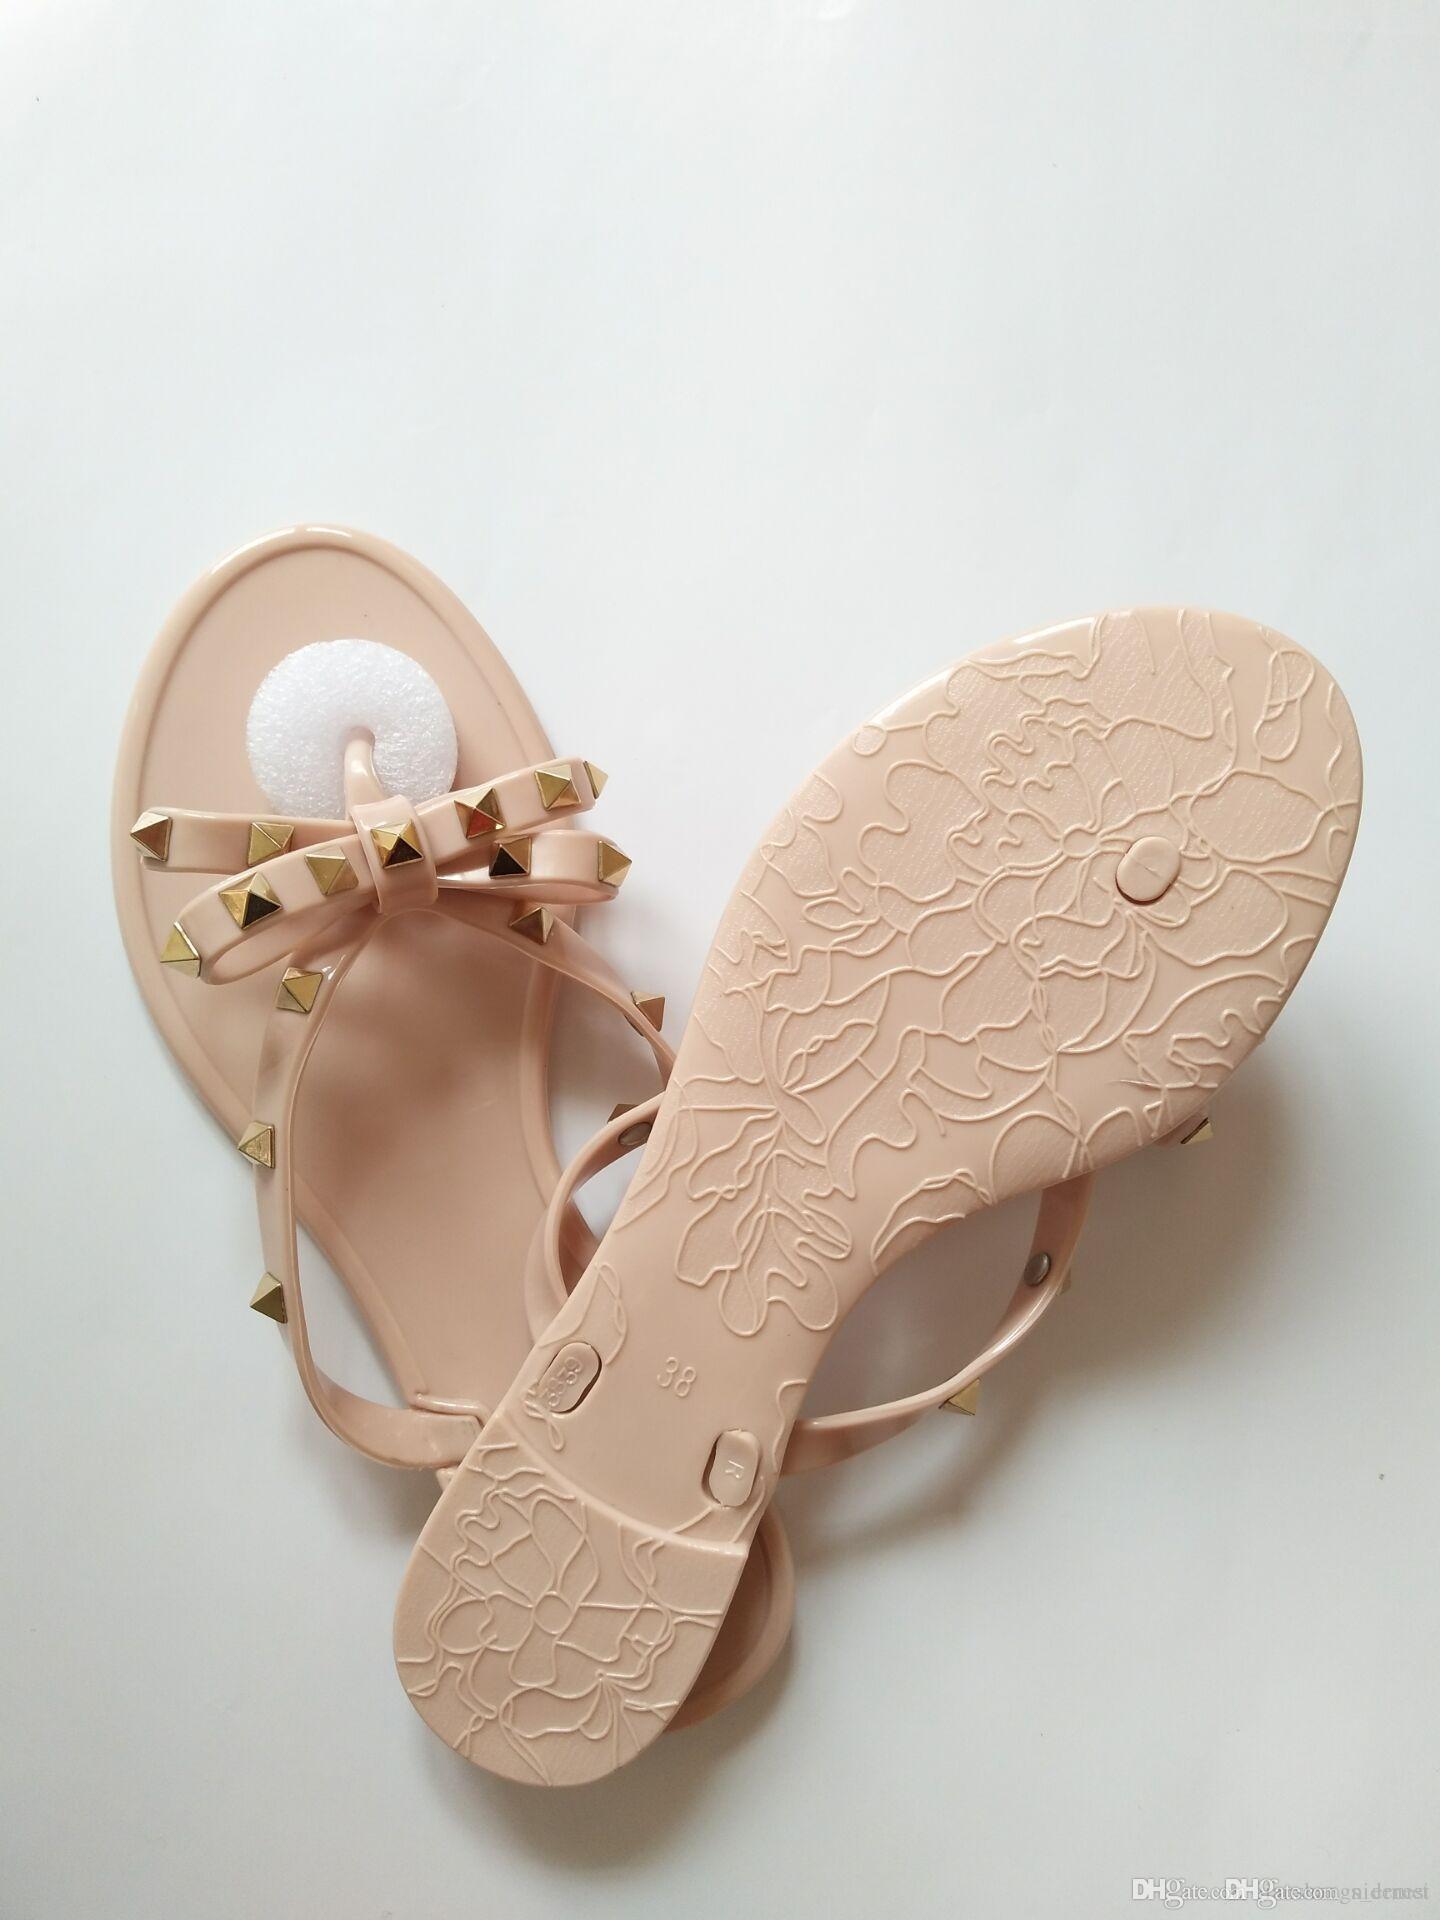 Nouveau 2018 Femme Sandales D'été Rivets big bowknot Flip Flops Sandales De Plage Femininas Flat Jelly Designer Sandales